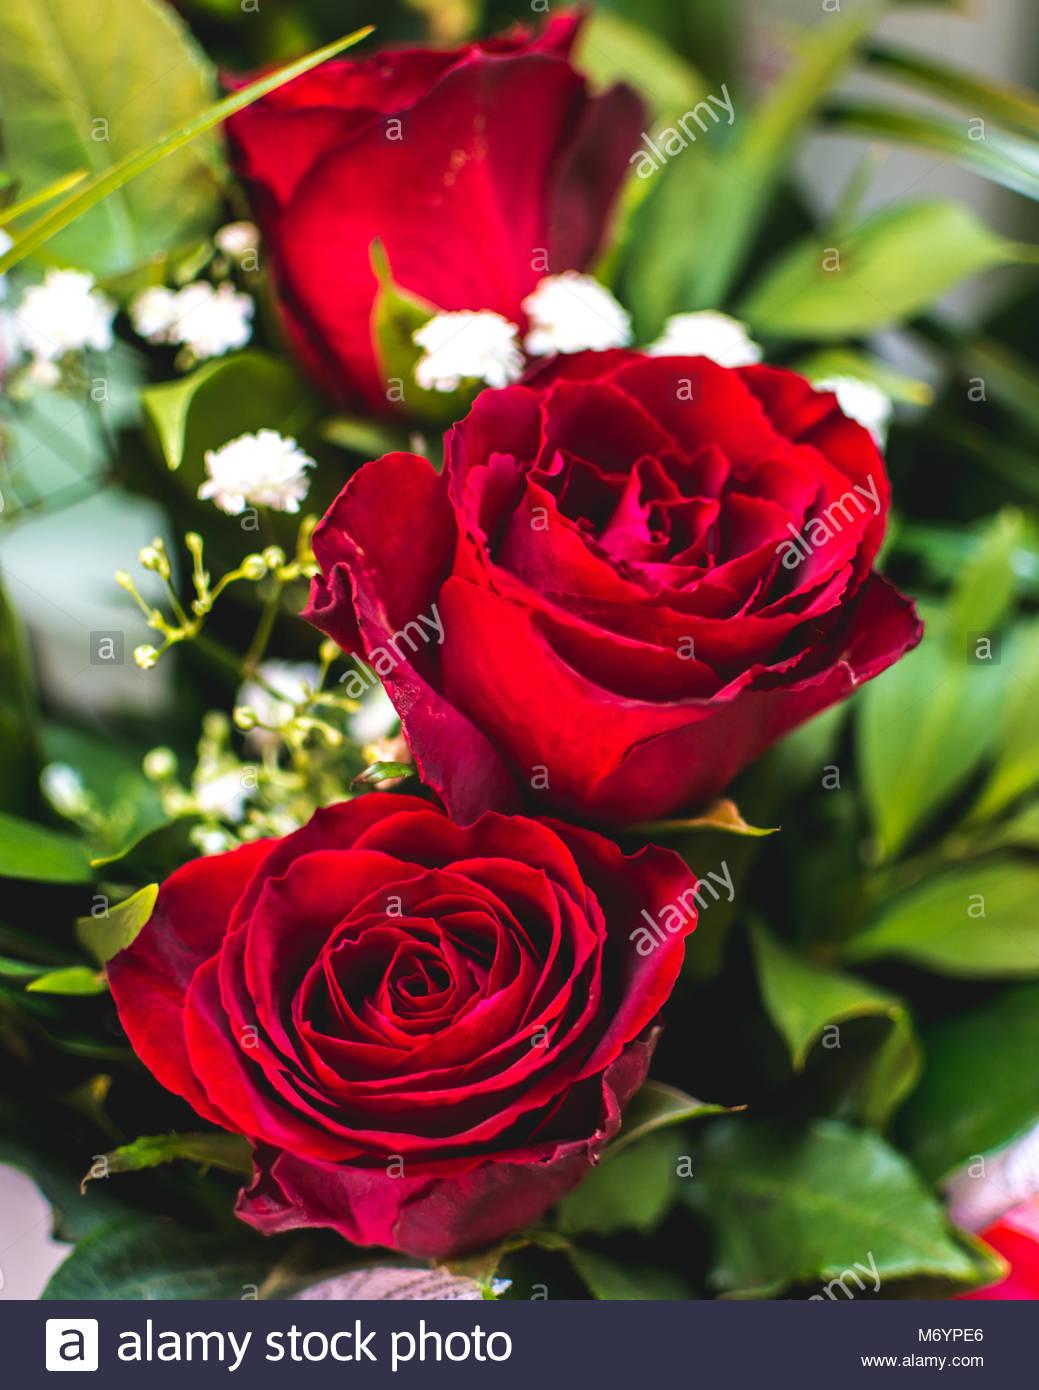 una rosa es una expresi n inequ voca del amor con el nombre de flores rosas transmitir. Black Bedroom Furniture Sets. Home Design Ideas